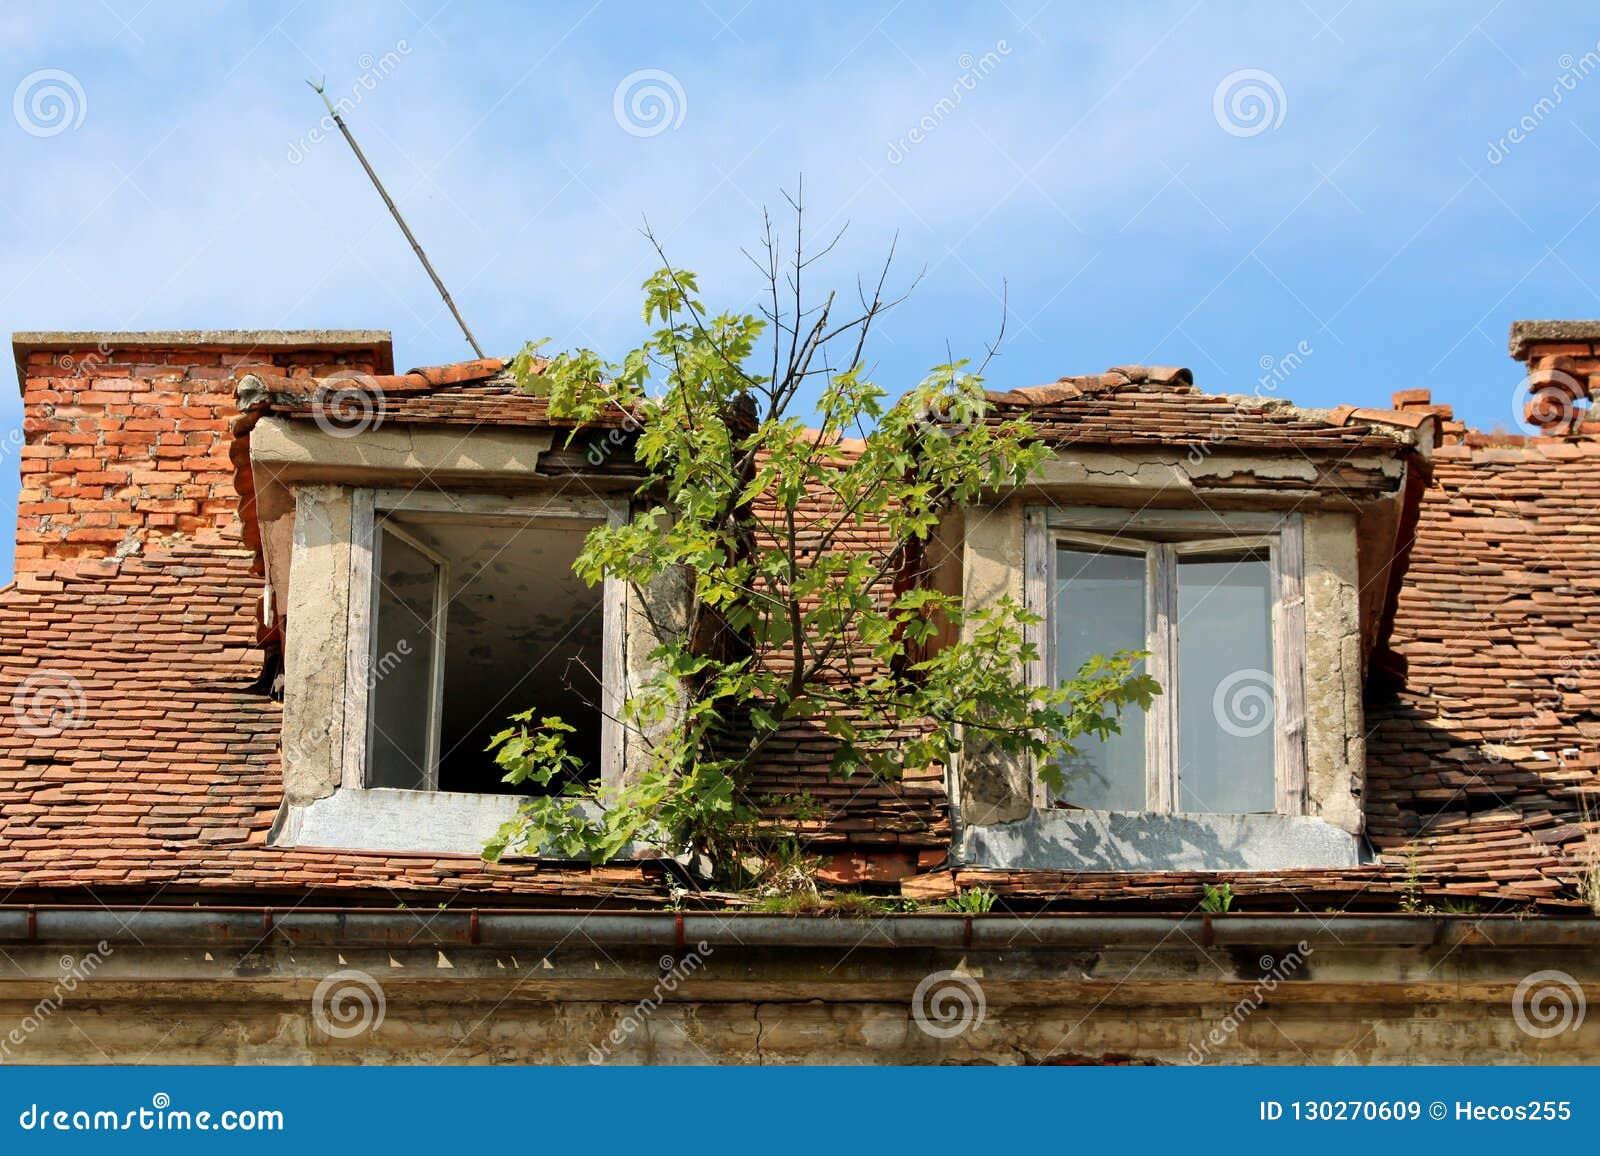 Μικρή ανάπτυξη δέντρων από την οξυδωμένη υδρορροή μετάλλων μεταξύ δύο σπασμένων παραθύρων στεγών στο εγκαταλειμμένο παλαιό κτήριο